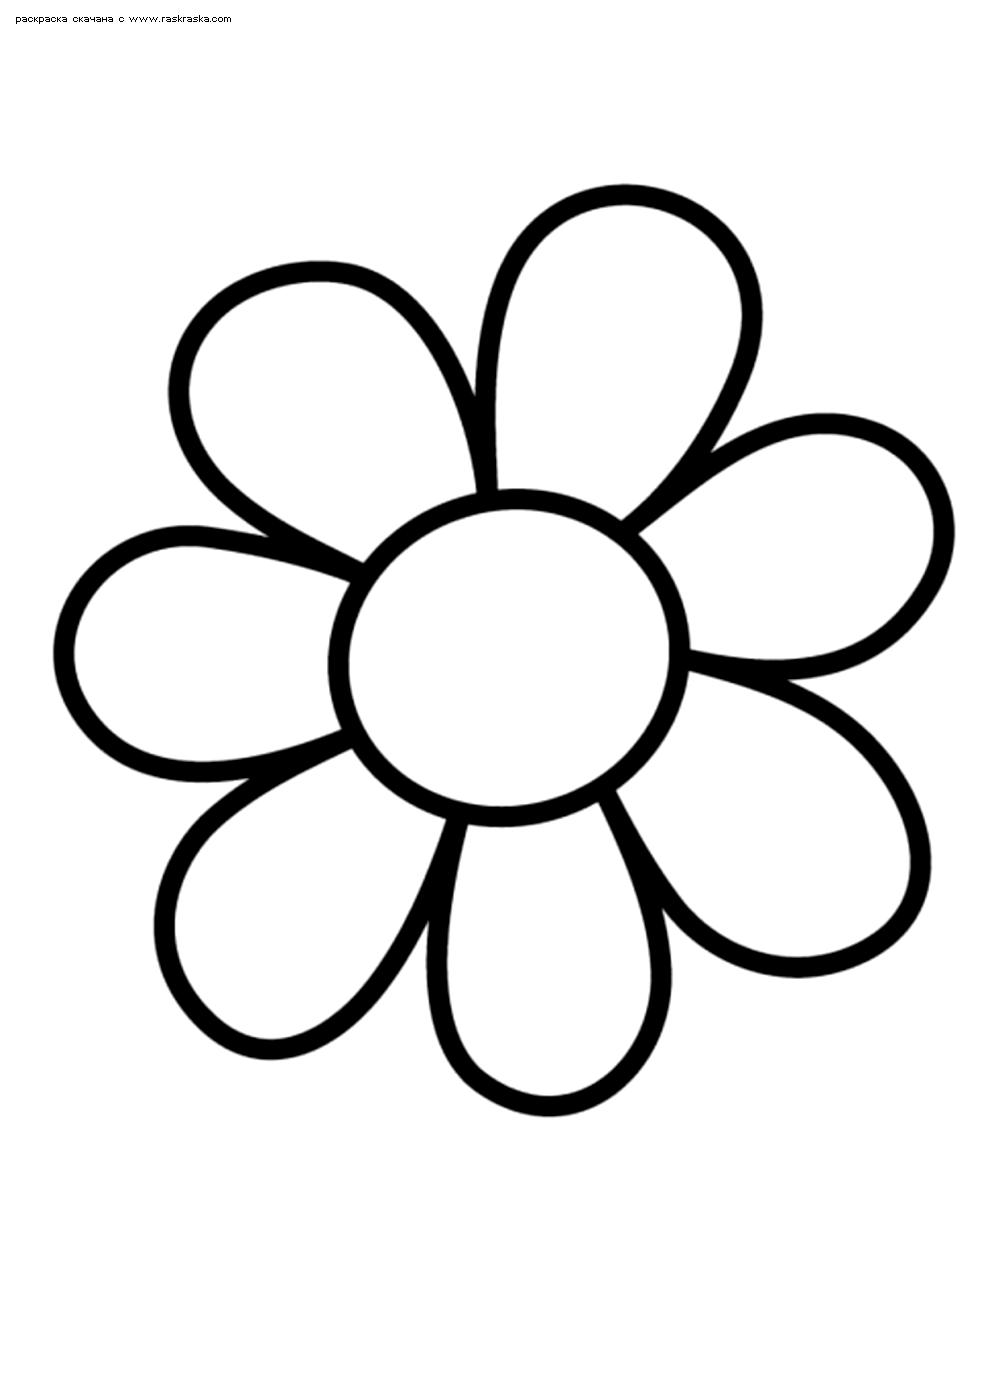 Раскраска Цветок. Раскраска цветок